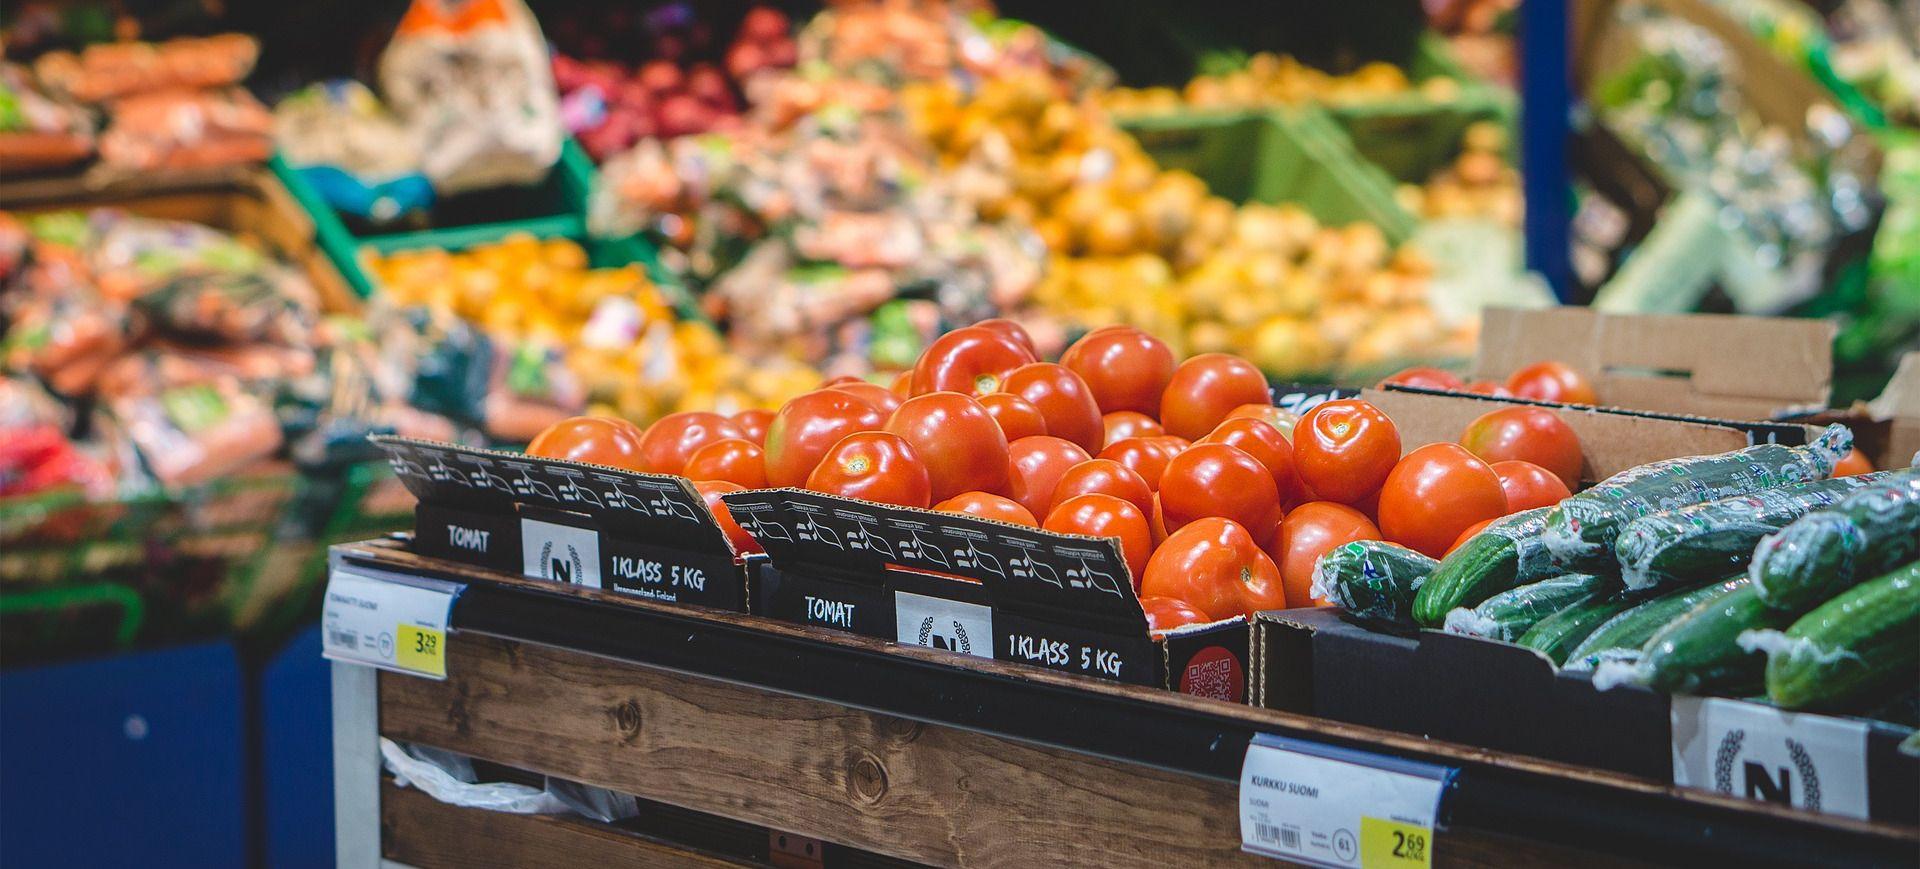 UTVRĐENE NEPRAVILNOSTI Poljoprivredna inspekcija zabranila stavljanje na tržište voće i povrće za 23 trgovca